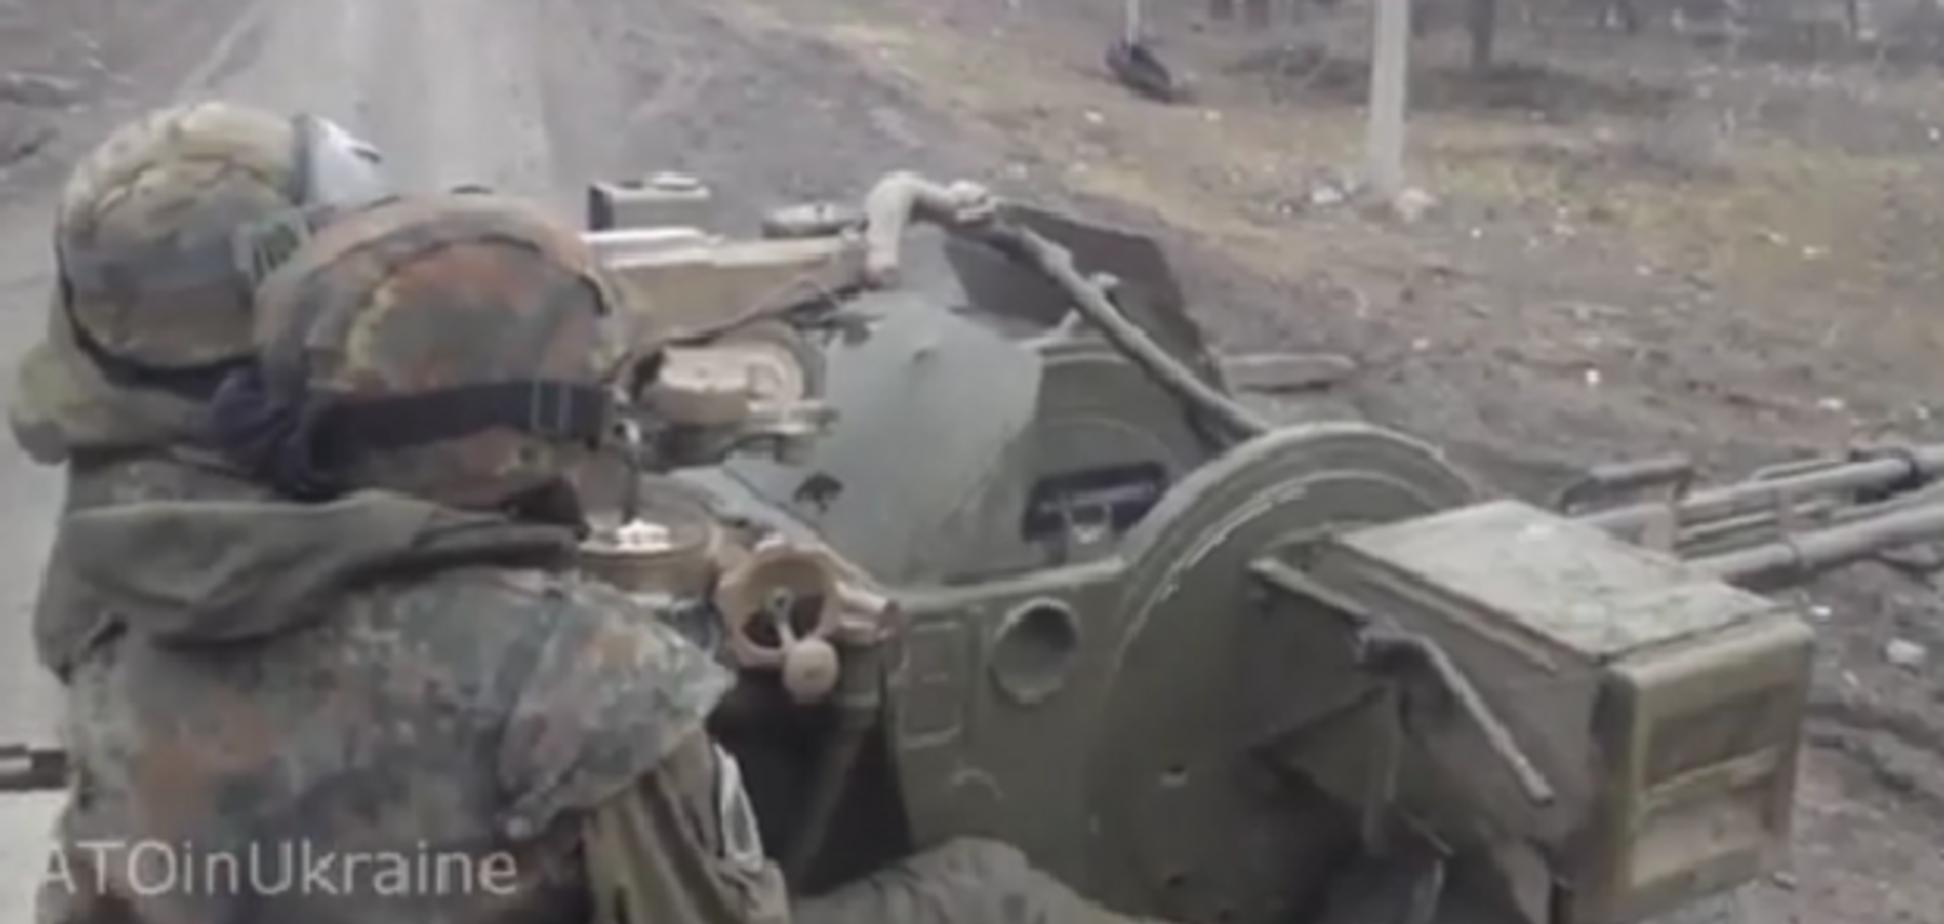 Как штурмовики 'Правого сектора' отбивают атаку боевиков с помощью зенитки: видеофакт